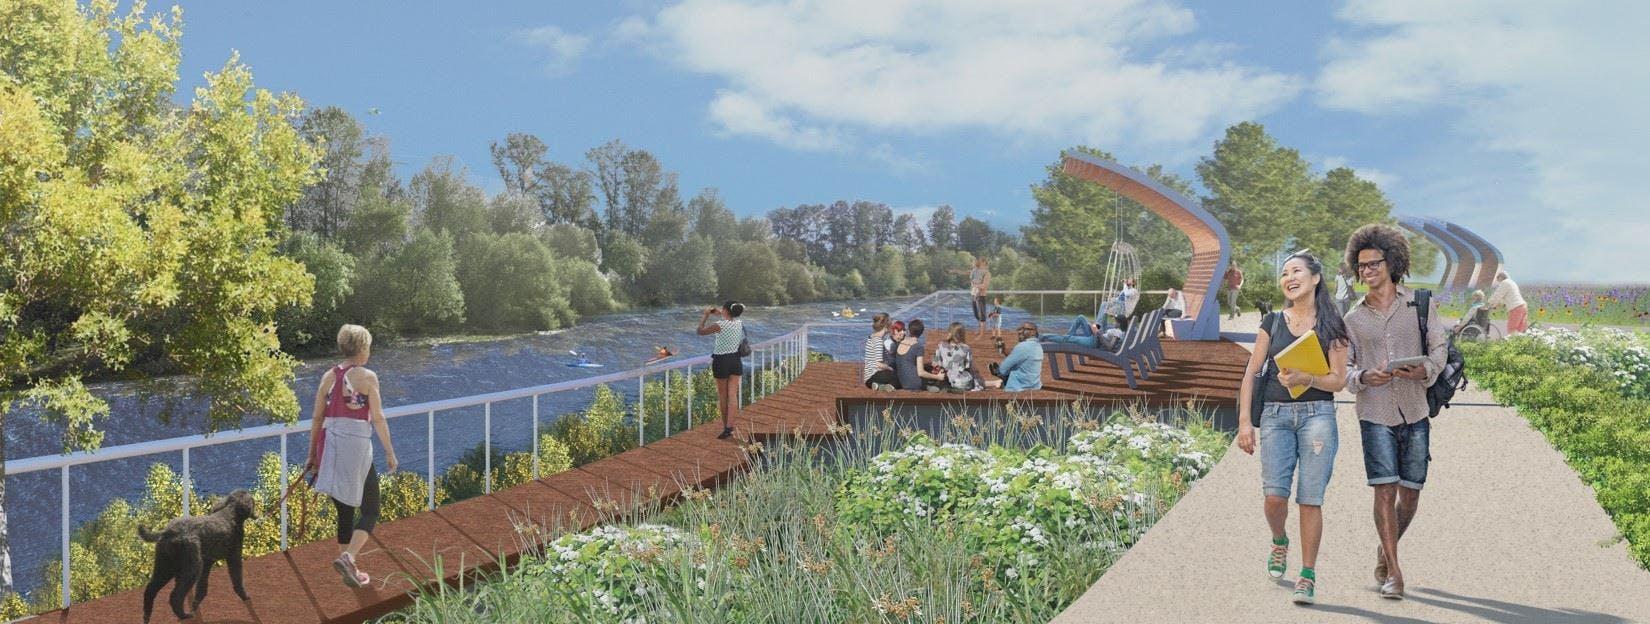 Riverfront Park Concept